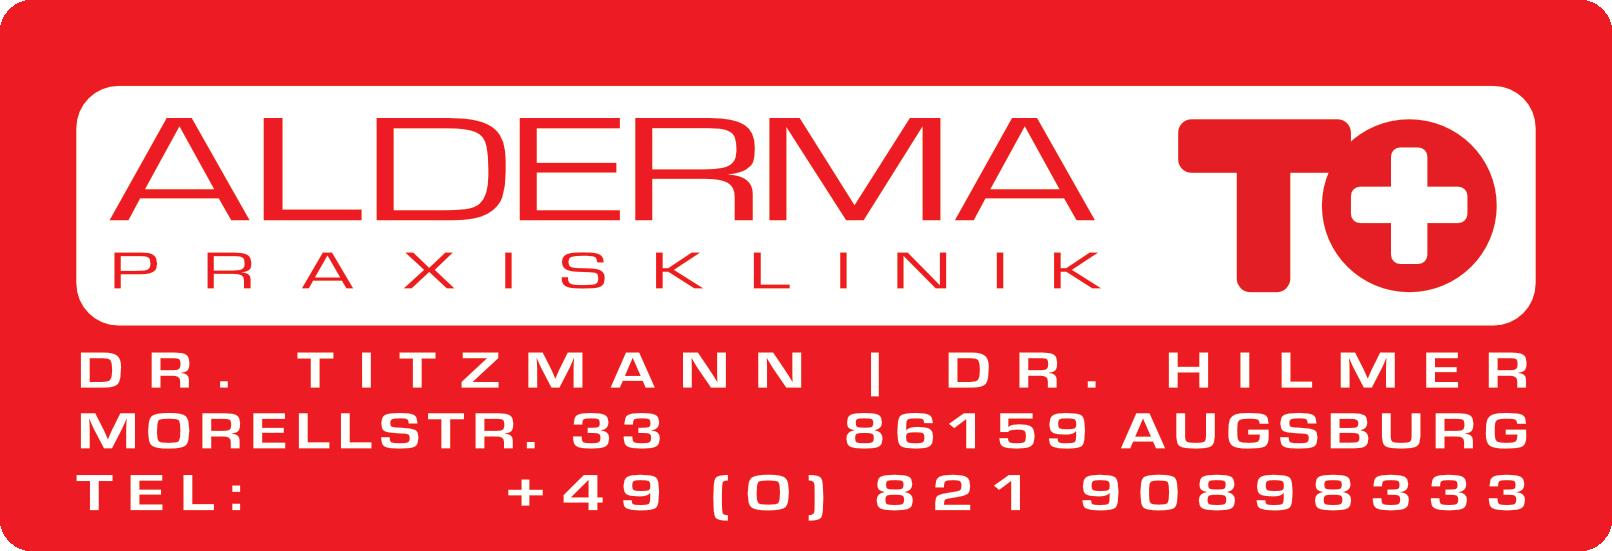 Alderma Hautarztpraxis Augsburg